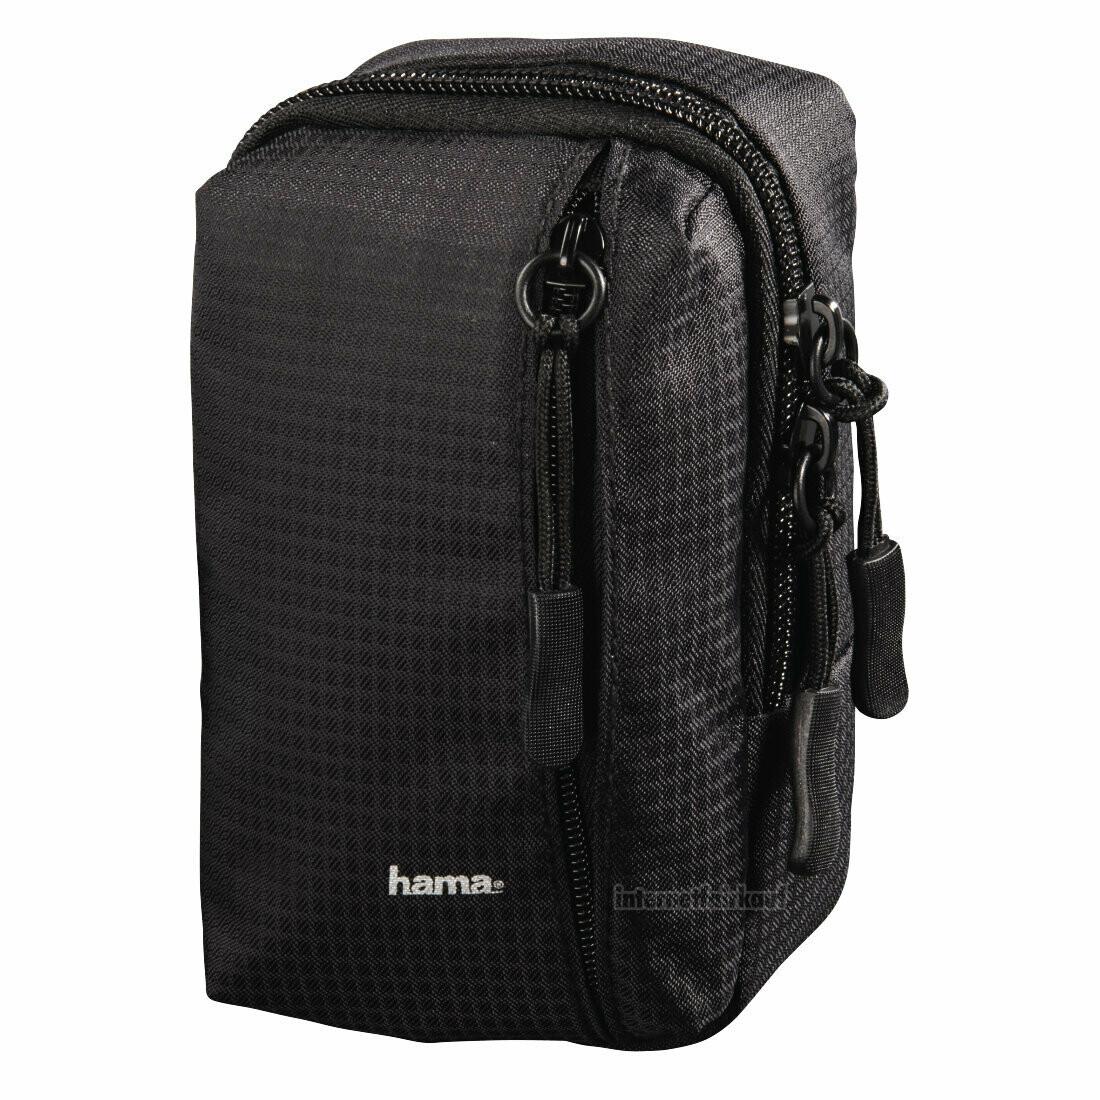 Hama Kameratasche Fancy Sporty 80M schwarz